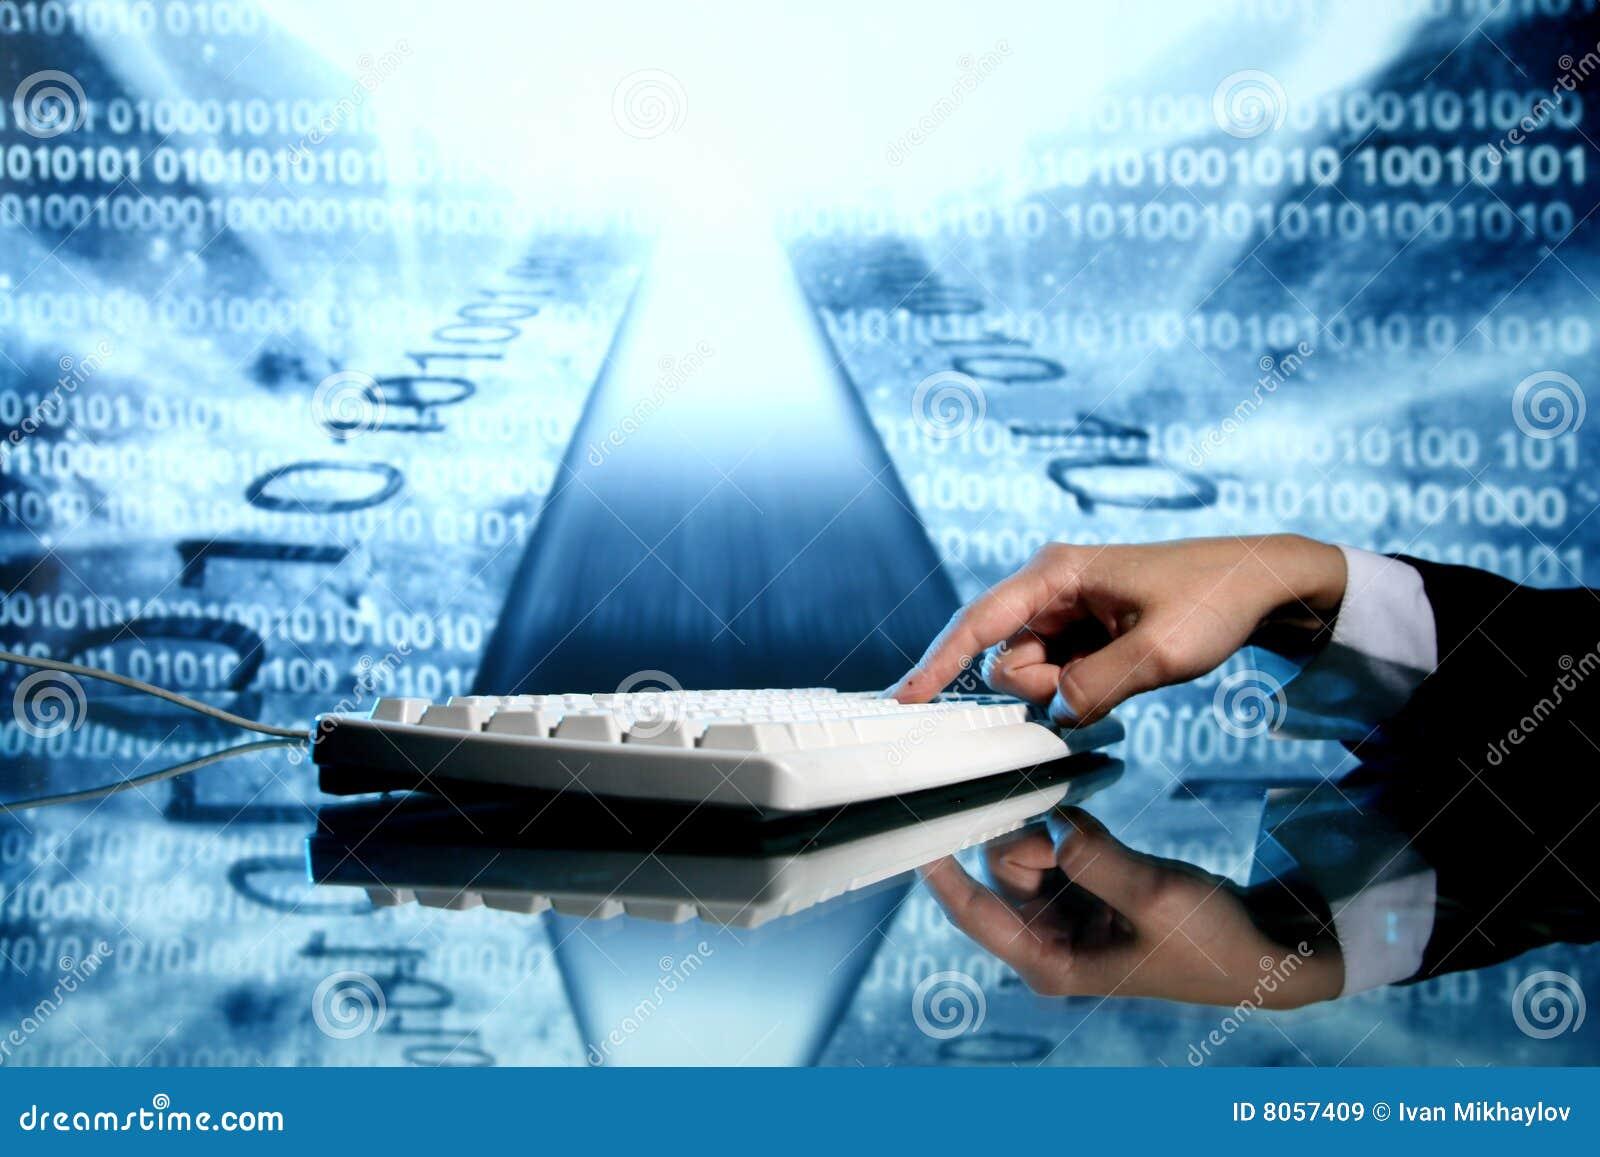 Data Input Stock Photos - Image: 15006883